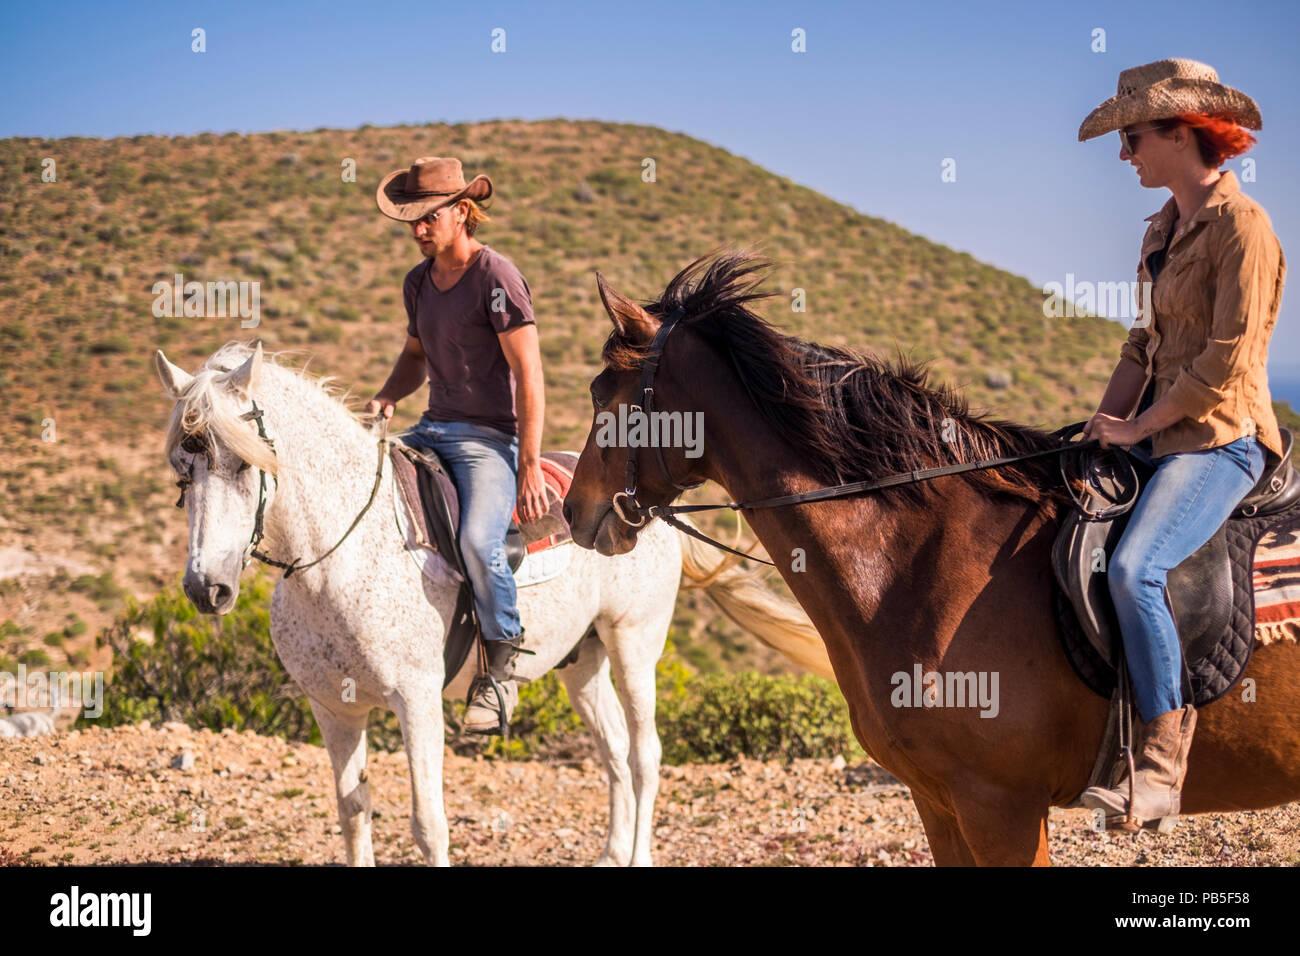 Par de jinete al hombre y a la mujer con Brown y caballos blancos ir y disfrutar de la actividad de ocio al aire libre en excursión viajar a las montañas. moderna cowbo Imagen De Stock